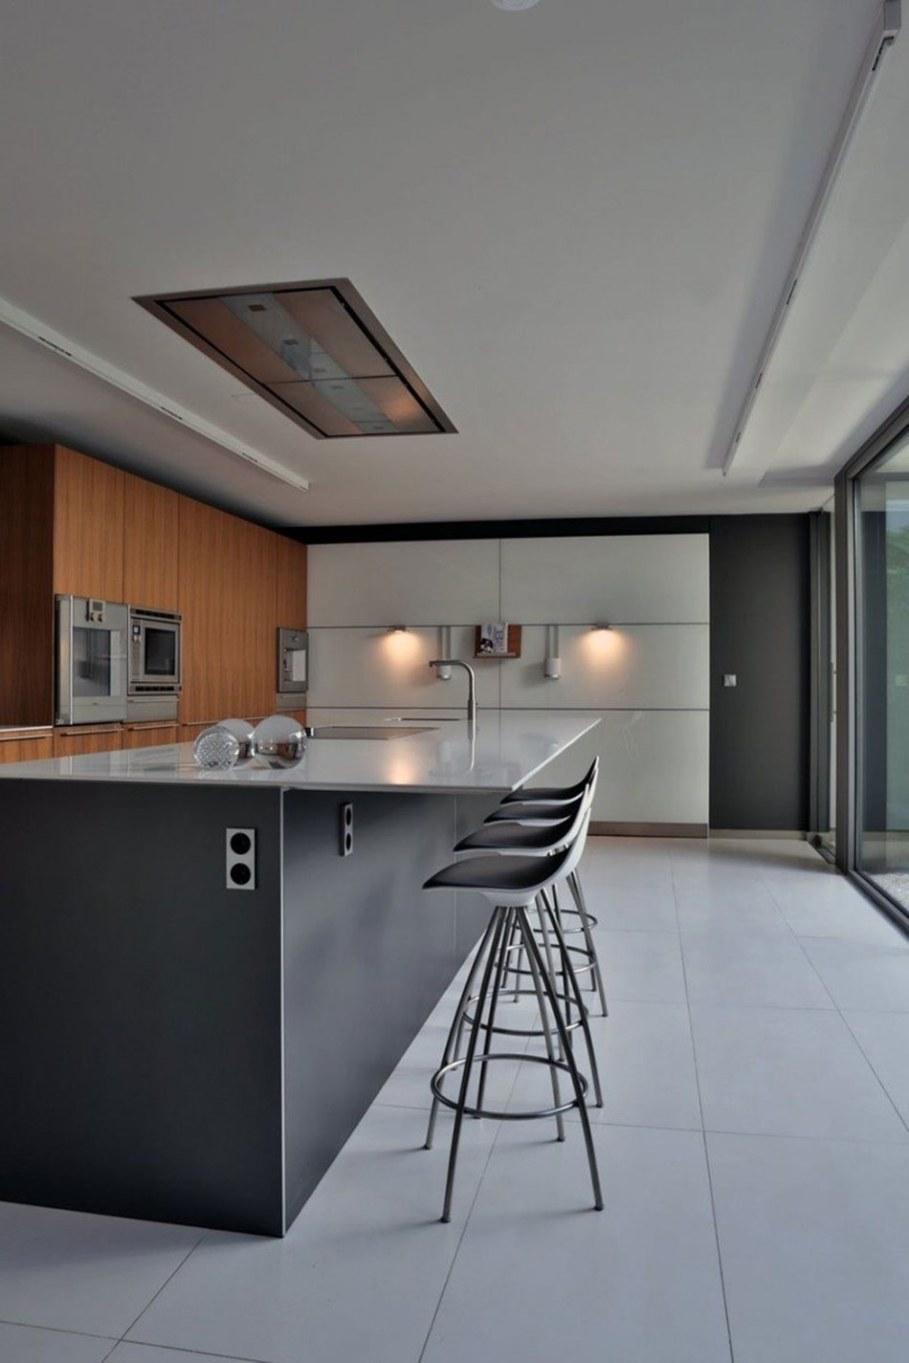 A modern villa in Spain - kitchen island 1